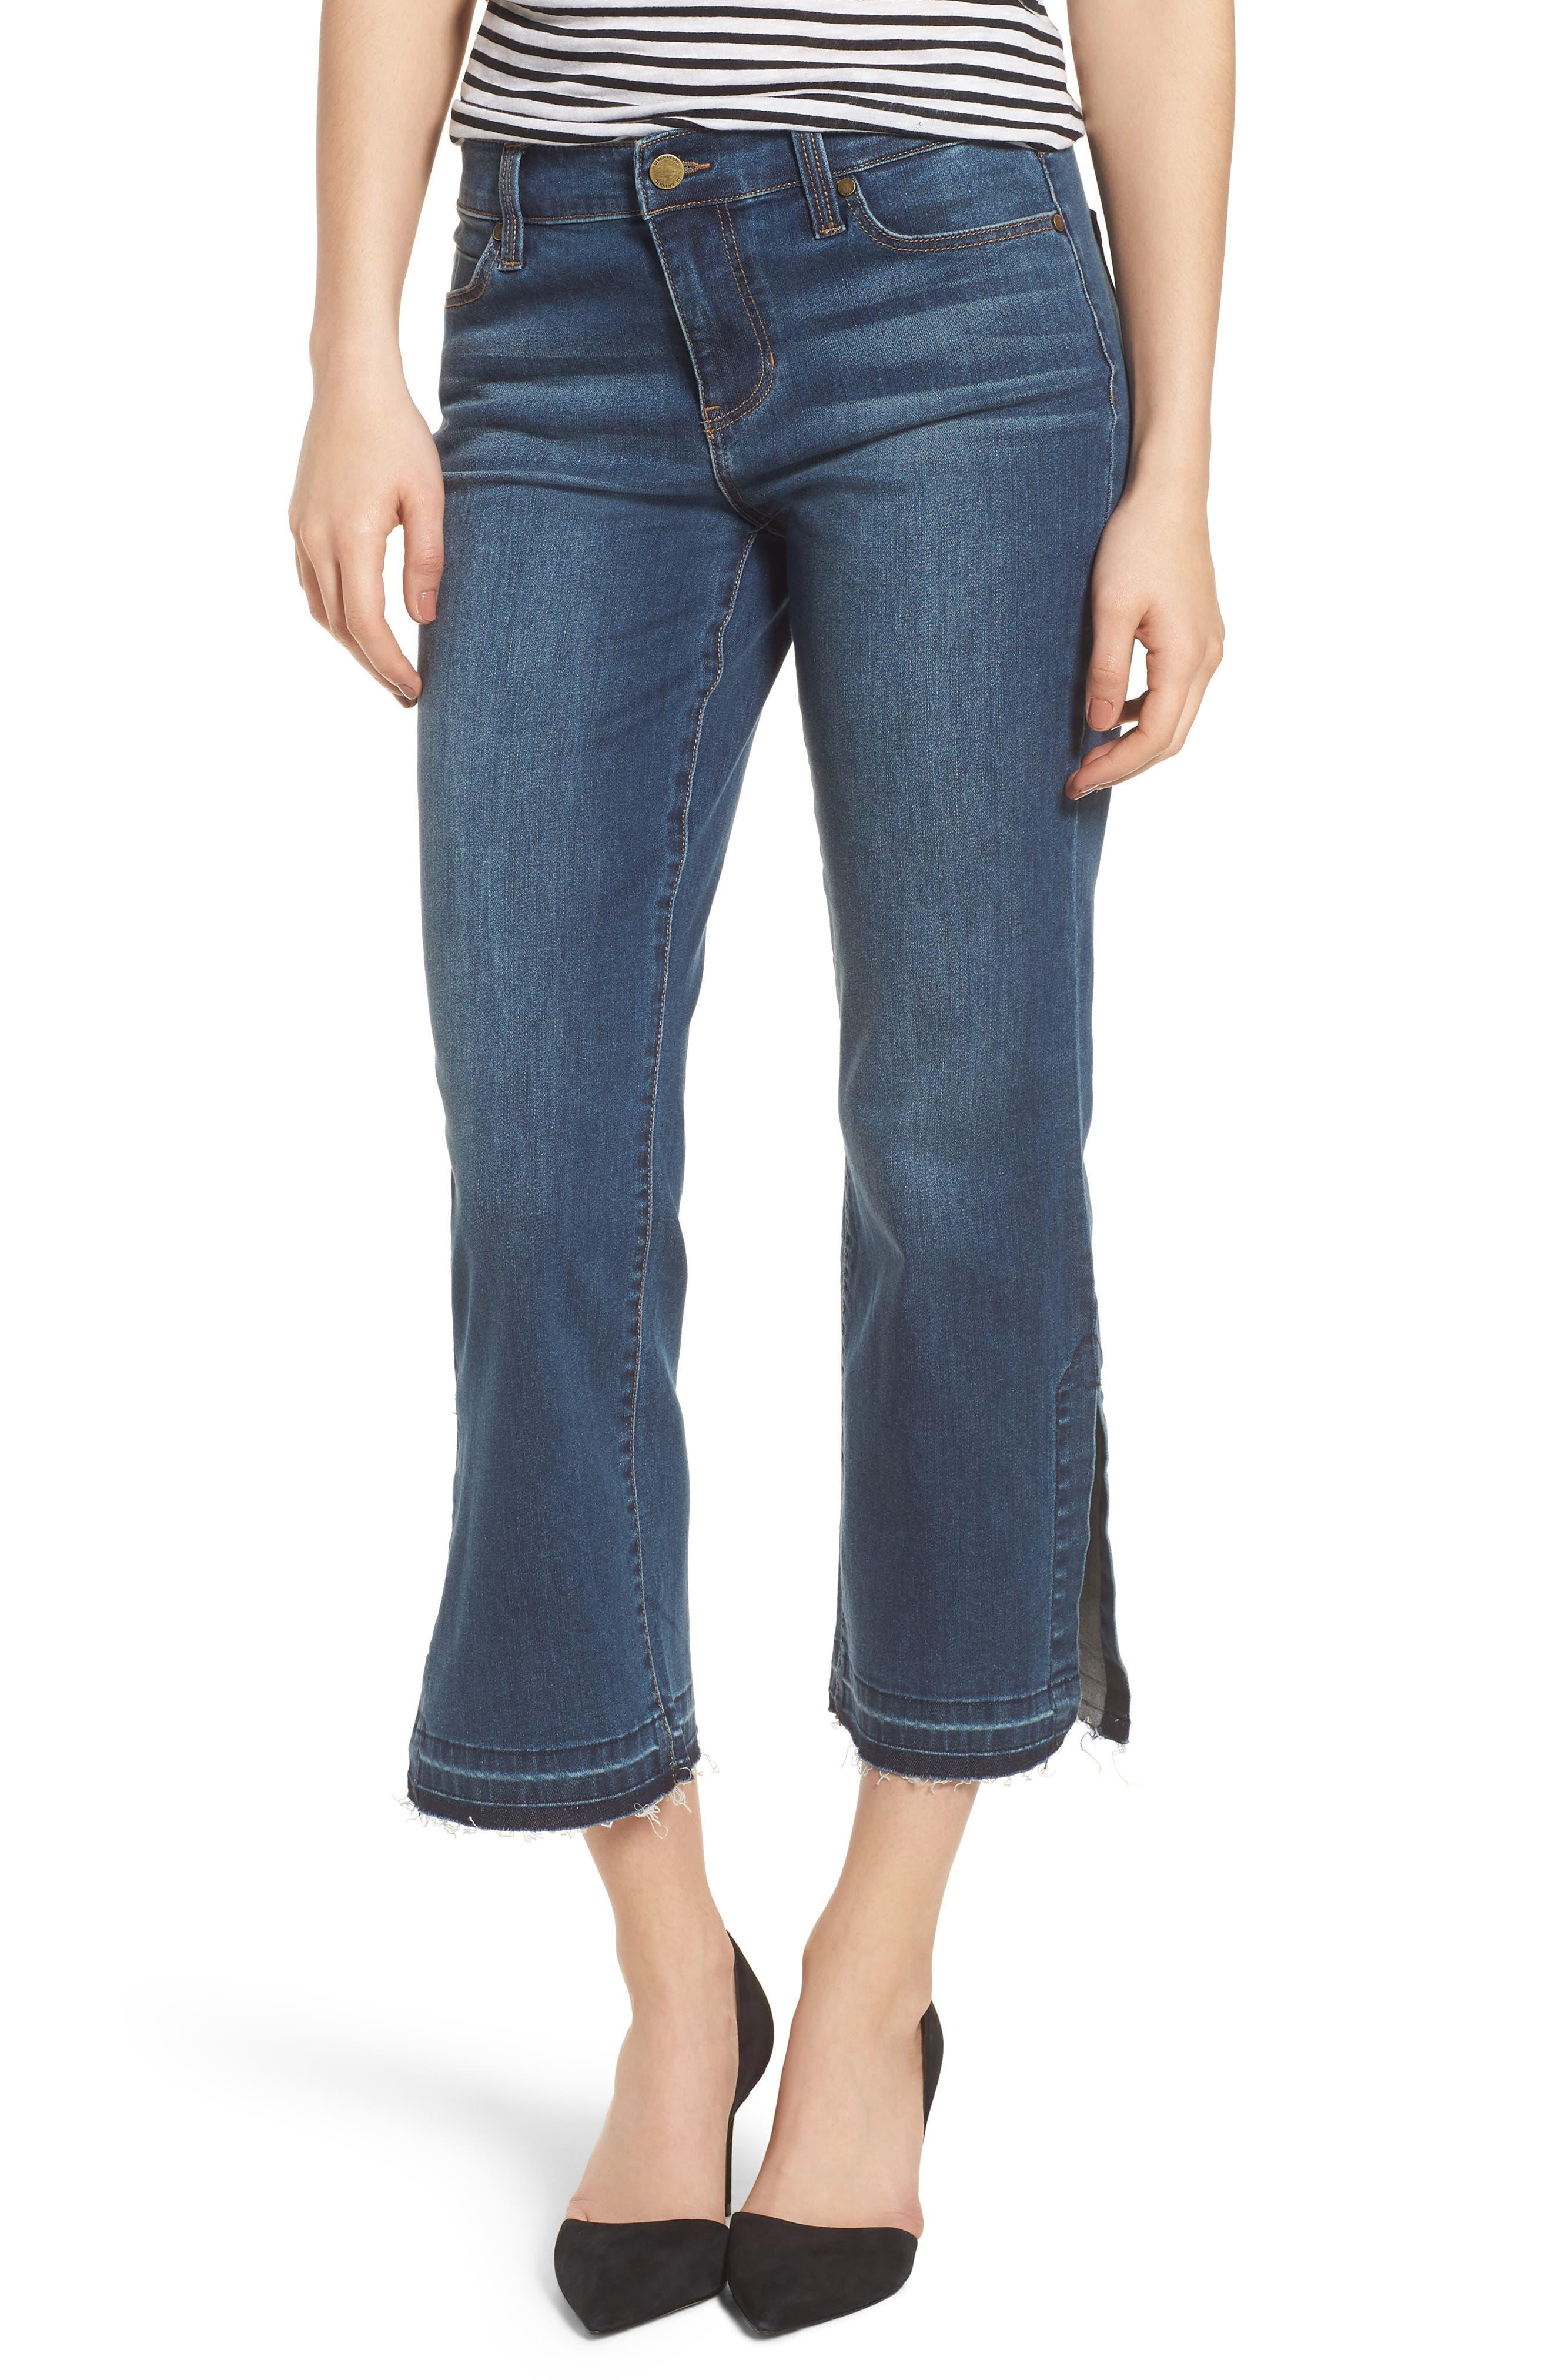 Tabitha Release Hem Crop Jeans,                             Main thumbnail 1, color,                             403